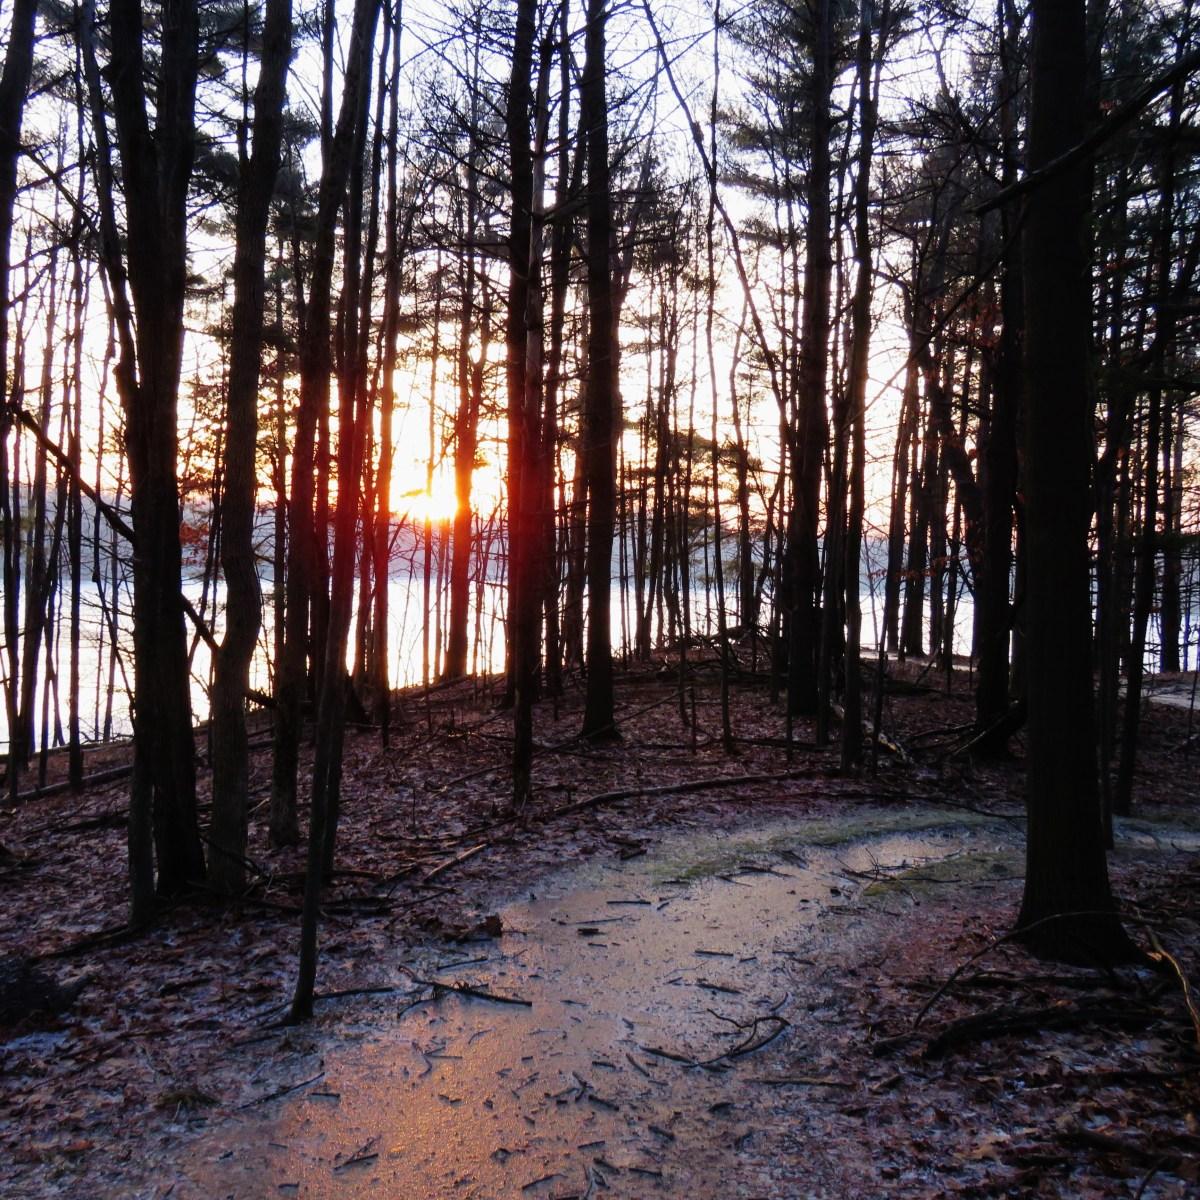 A winding trail near a lake as the sun rises